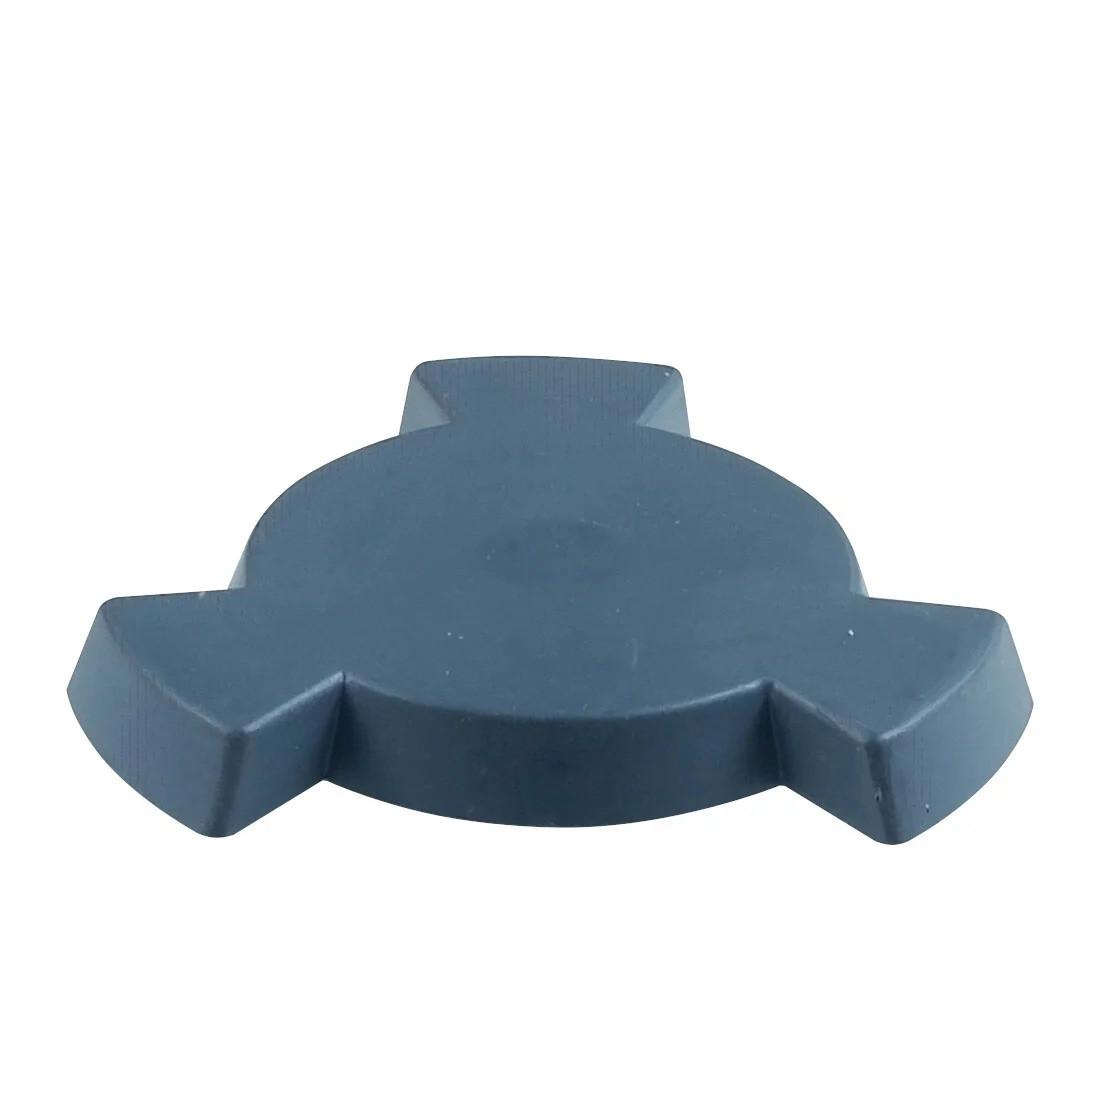 Куплер вращения тарелки для микроволновой печи Whirlpool (461964191293) полная высота 20мм